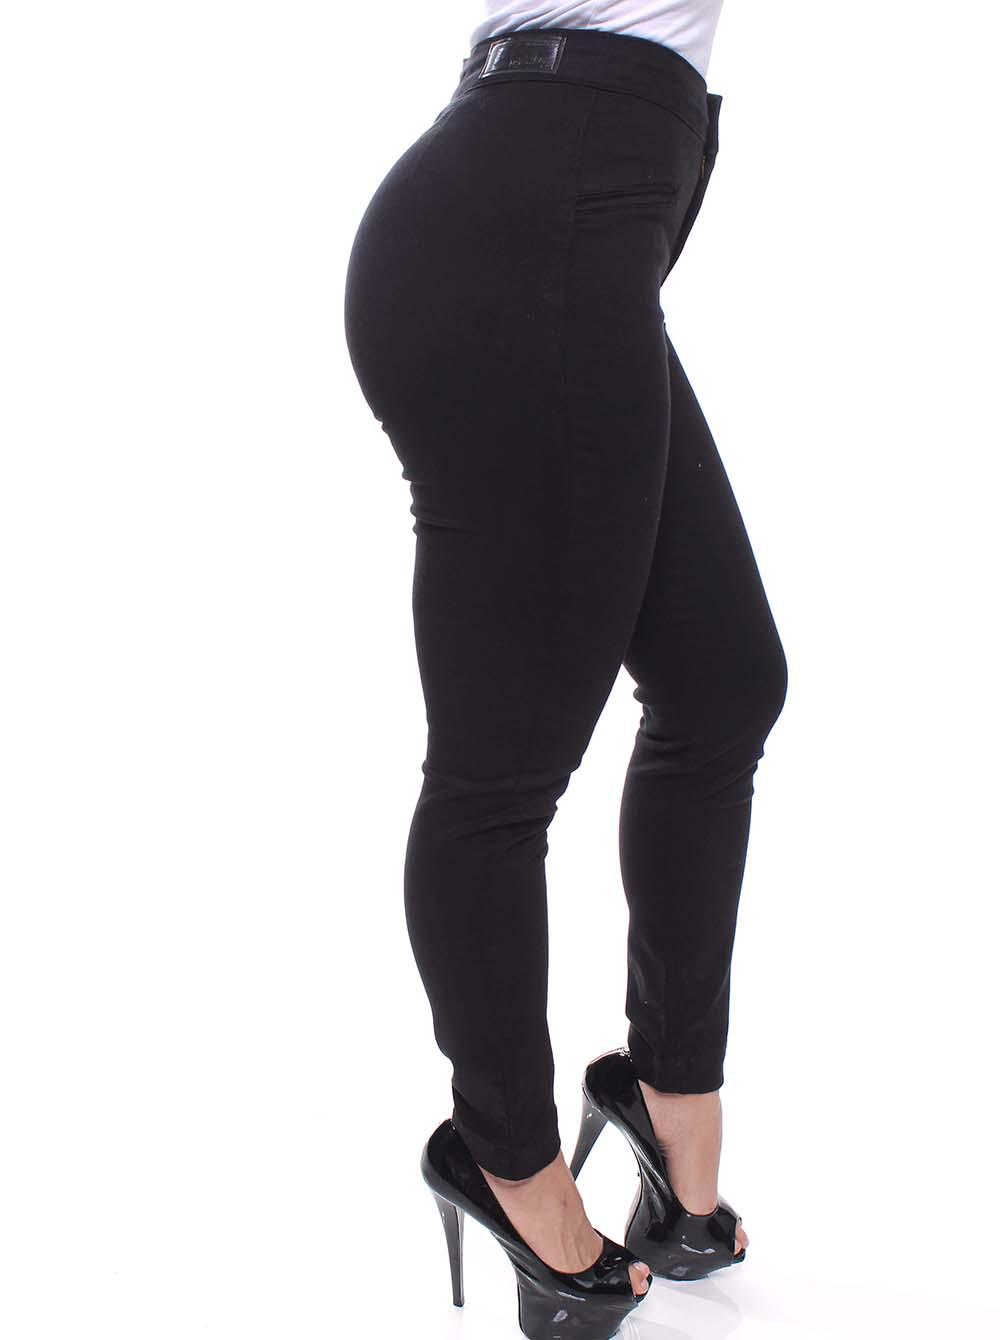 Calça Feminina Hot Pants Crocker - 47637  - CROCKER JEANS